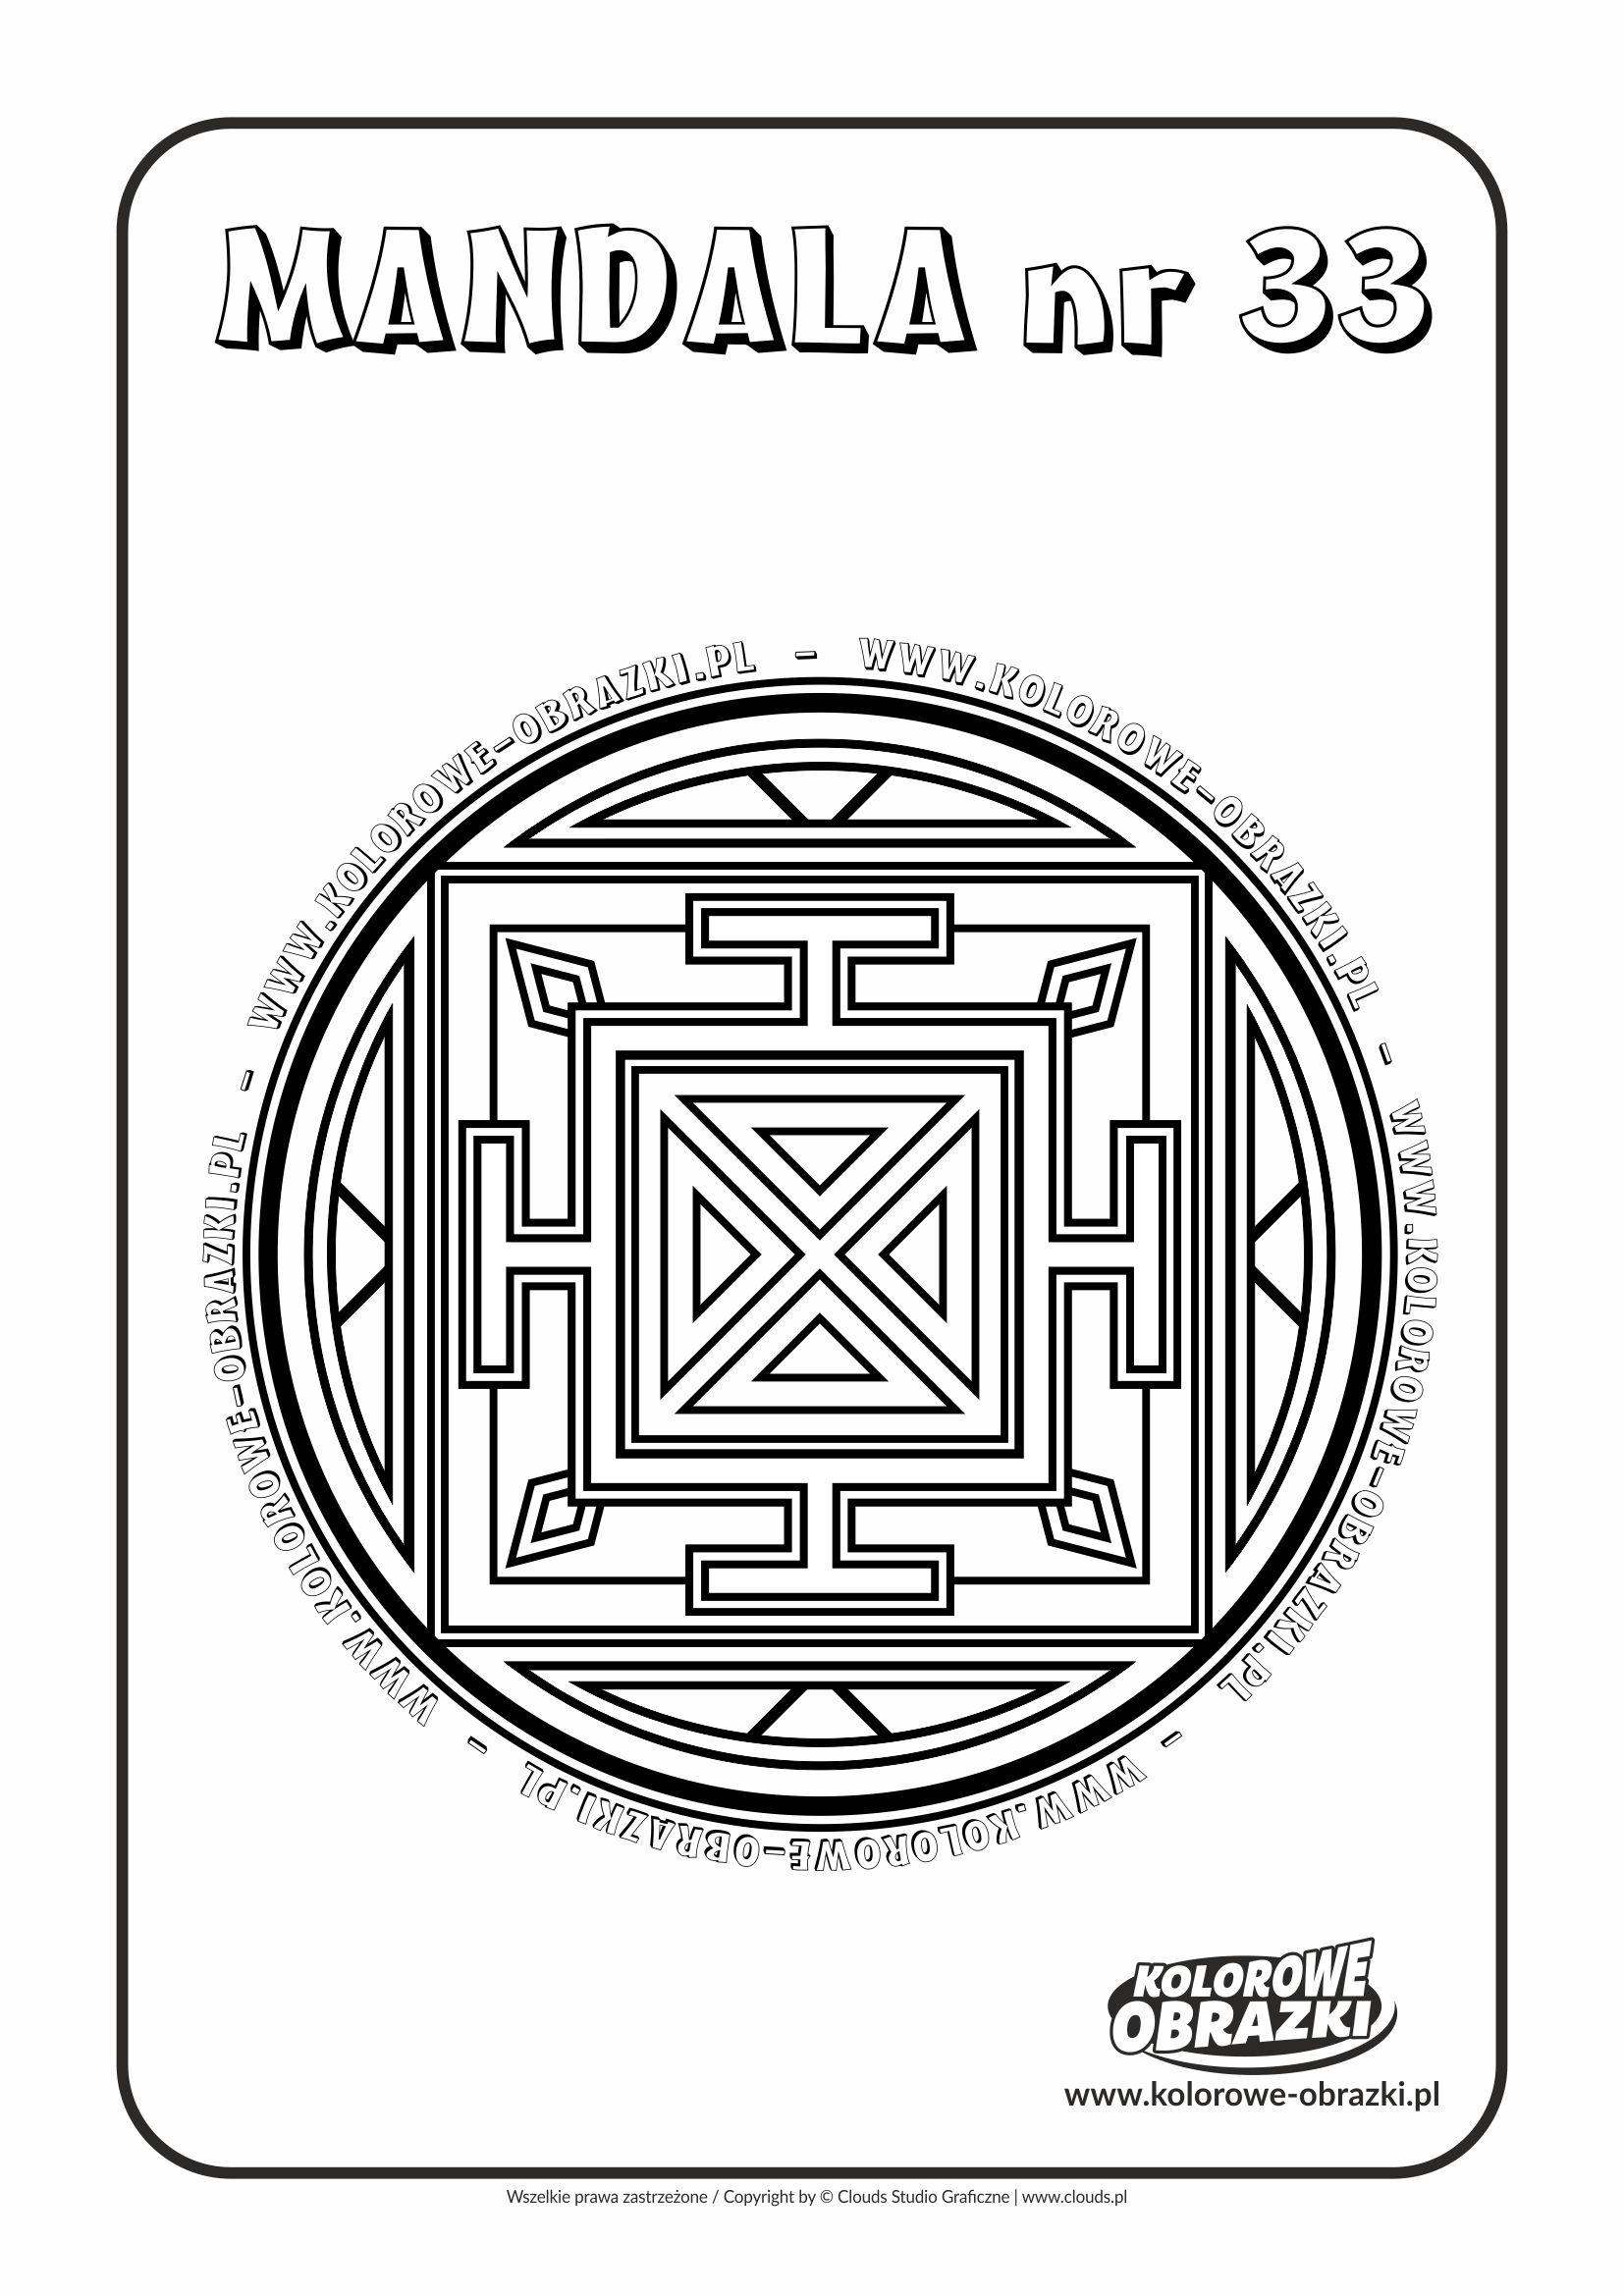 Kolorowanki dla dzieci - Mandale / Mandala nr 33. Kolorowanka z mandalą